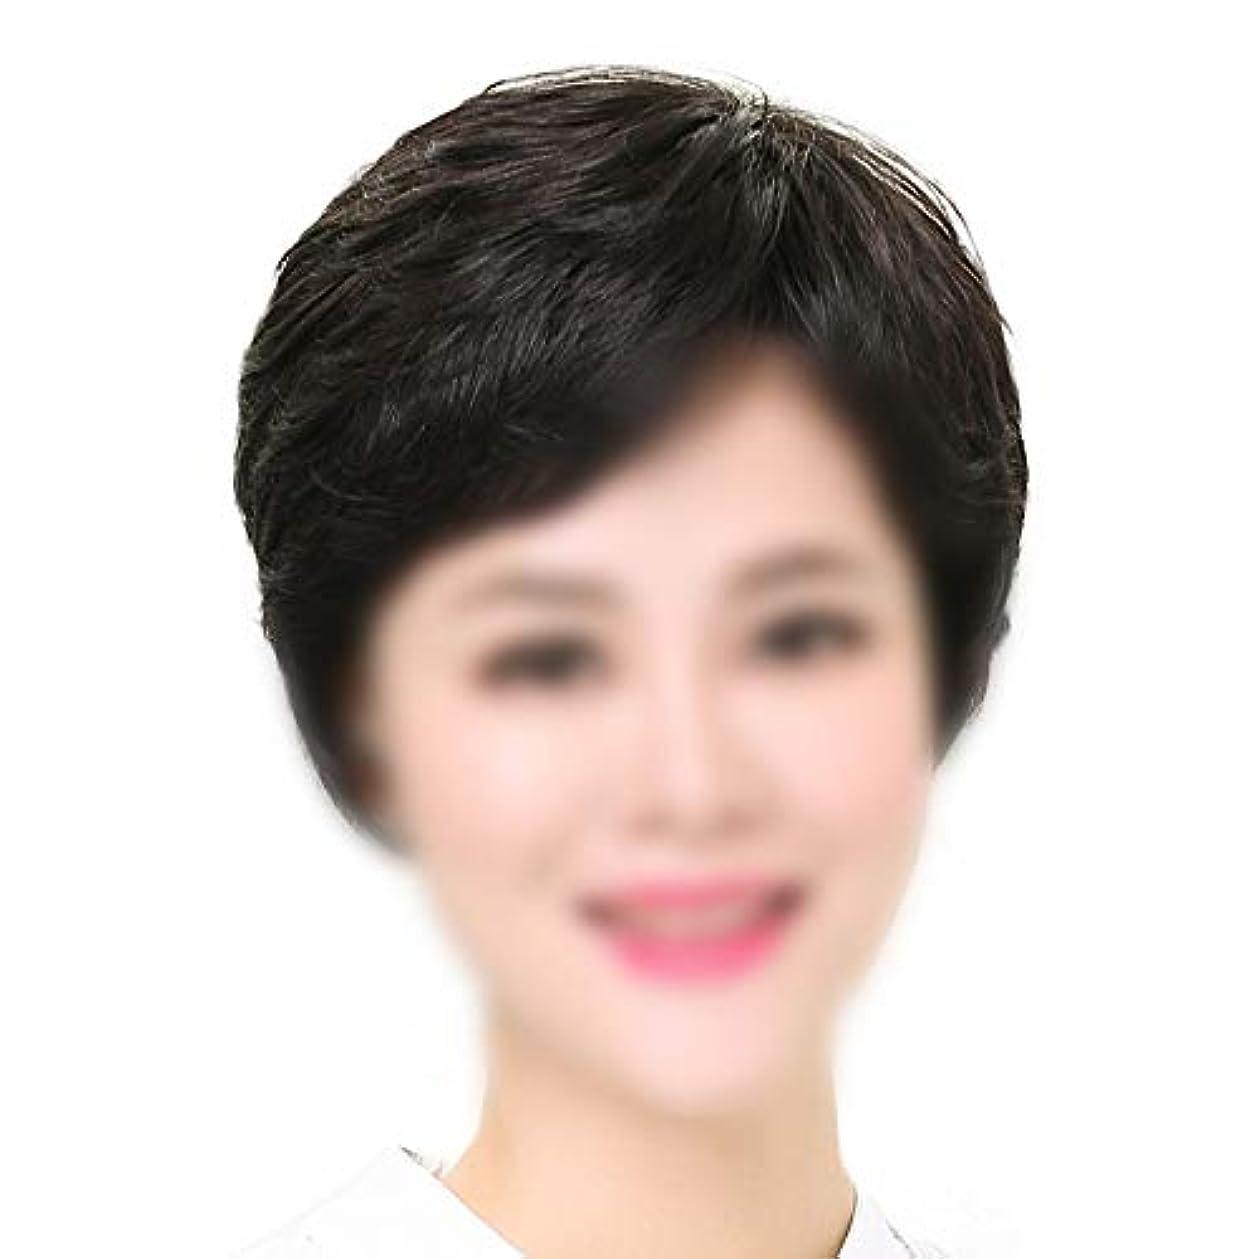 奴隷大凶暴なYOUQIU フル手織り女性の自然な人間の髪マイクロ波ショートヘアウィッグかつら中年 (色 : Natural black, サイズ : Hand-needle)